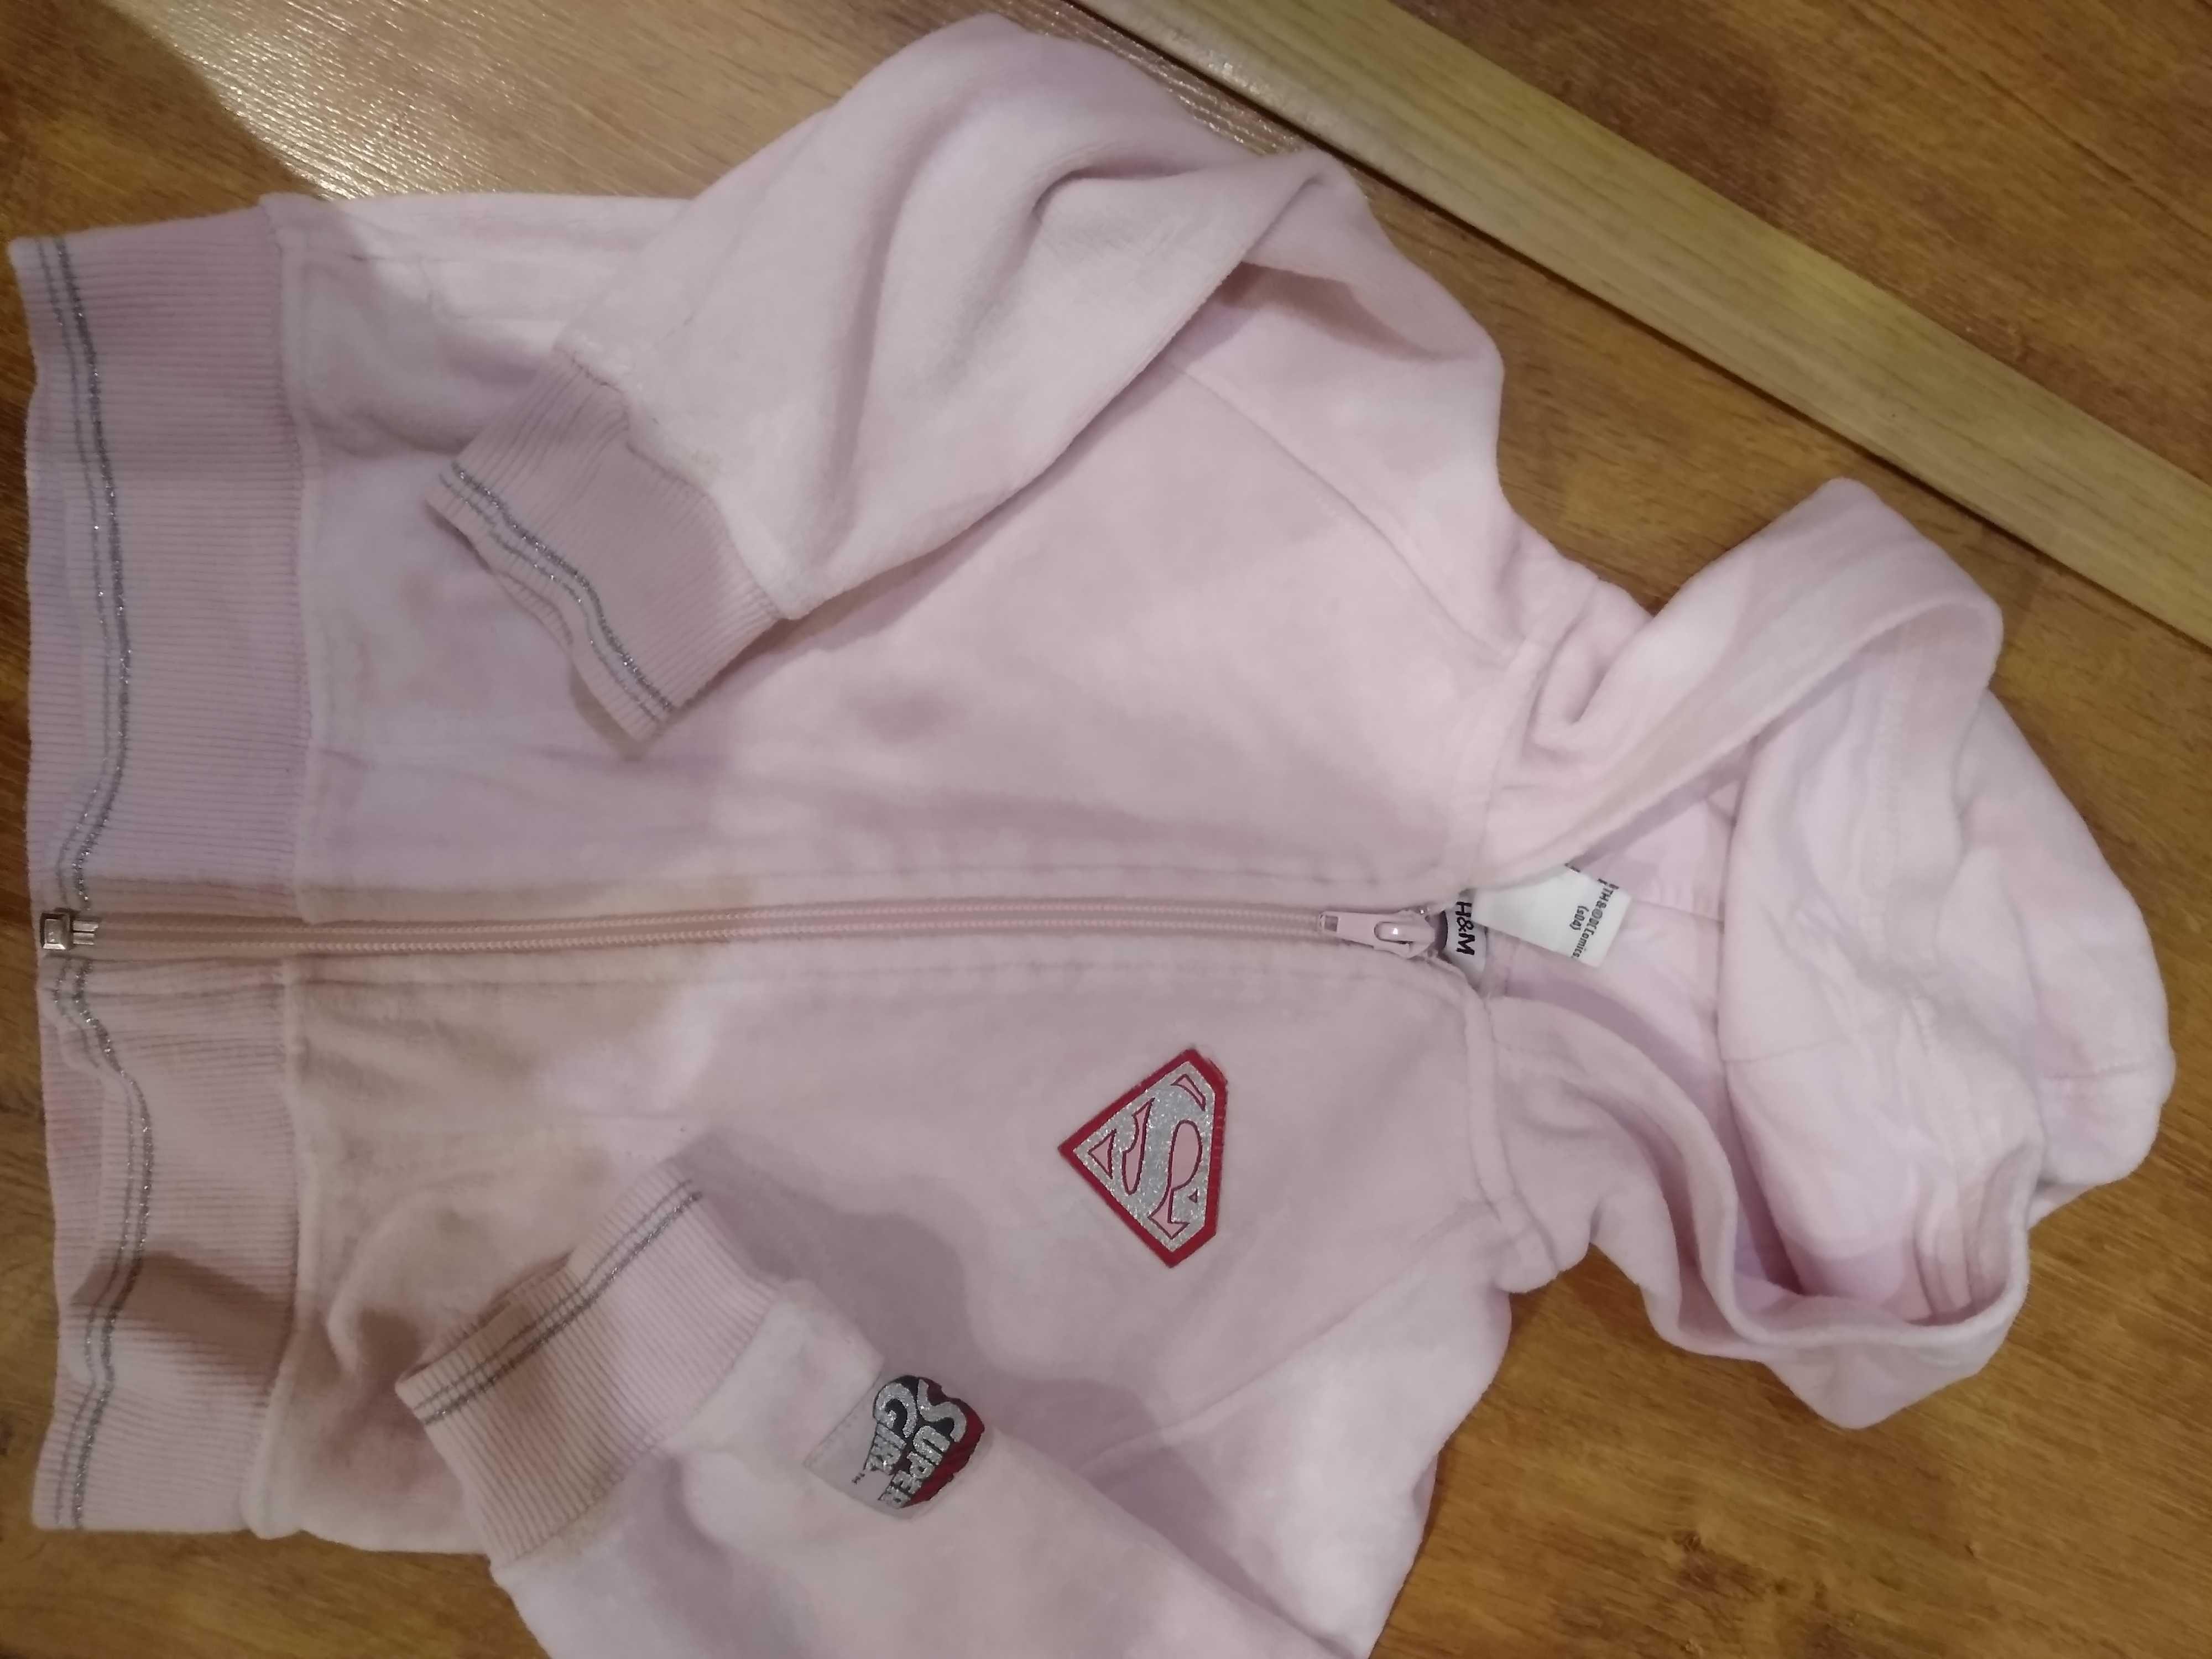 Bluza pudrowy róż 80/86 H&M dziewczynka polar spider man